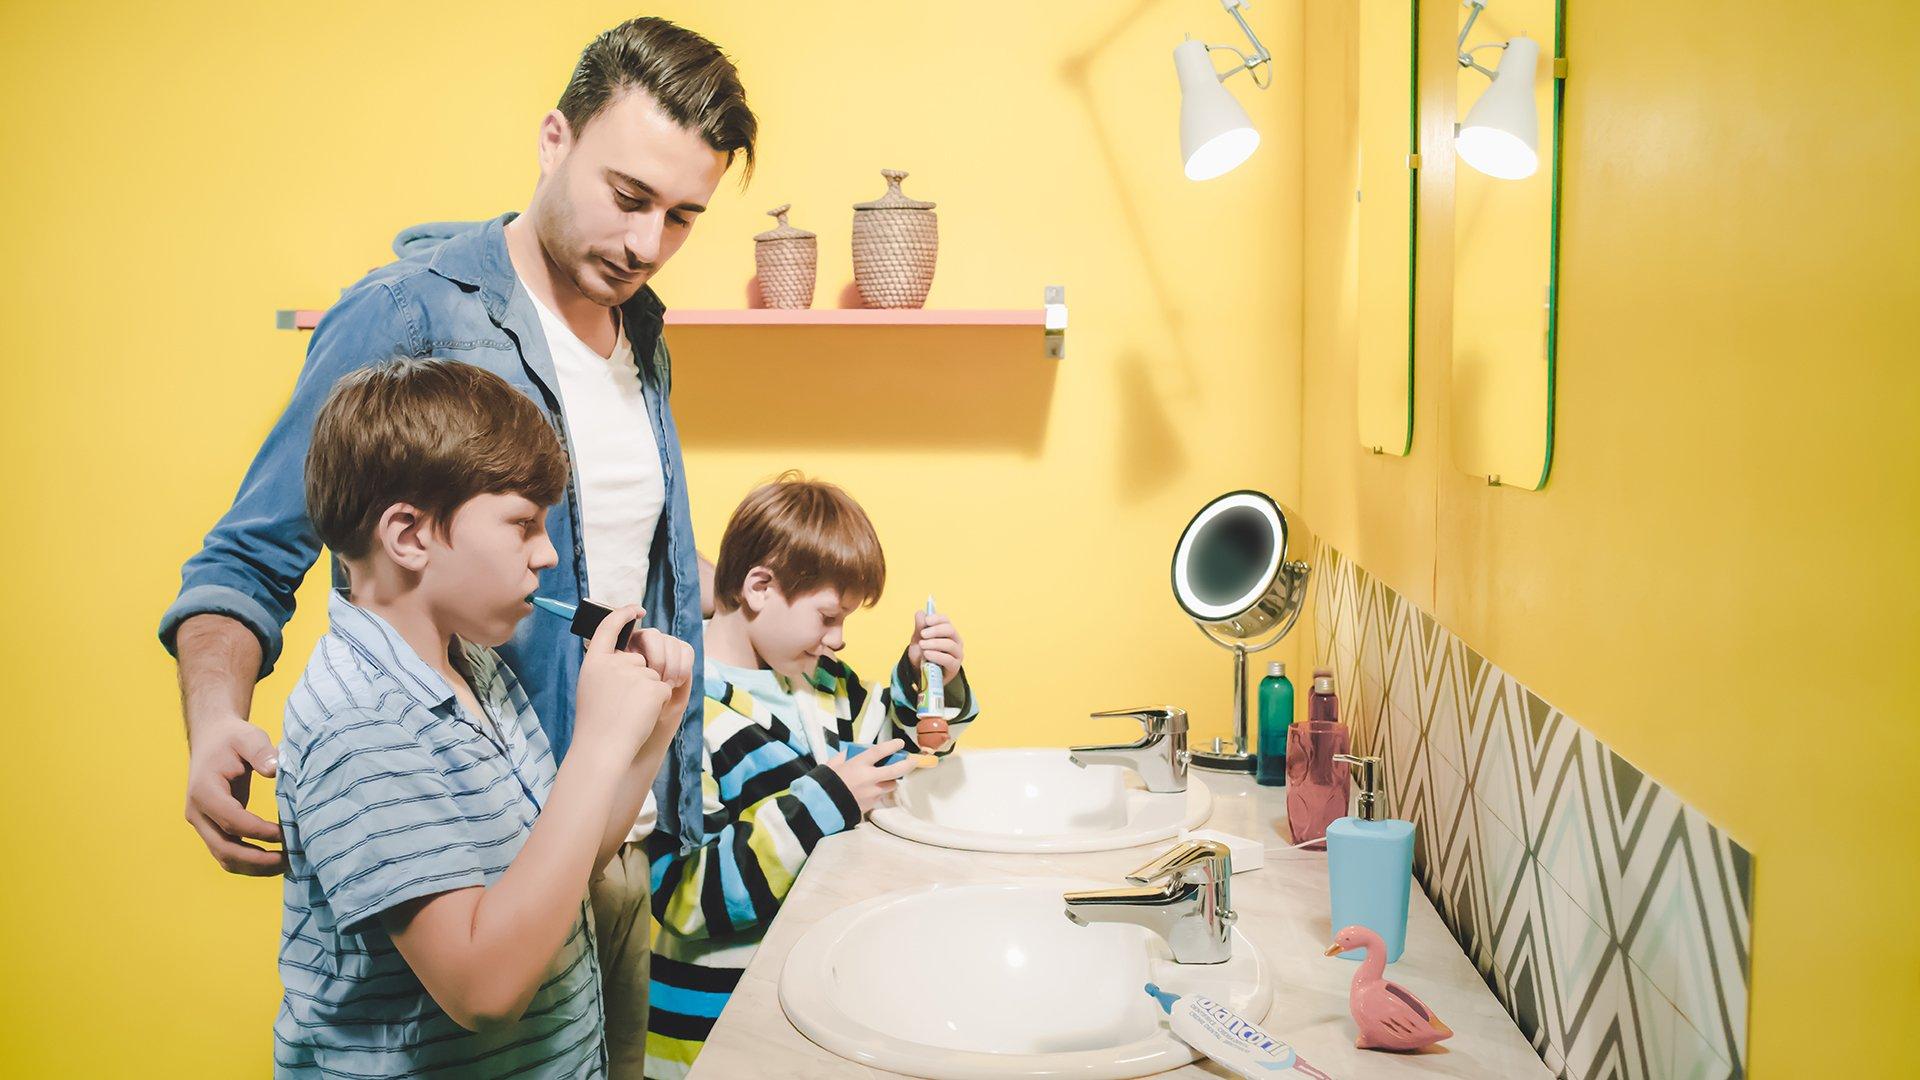 La brosse à dents Y-Brush peut s'adapter à toutes les dentitions des enfants comme celles des adultes.